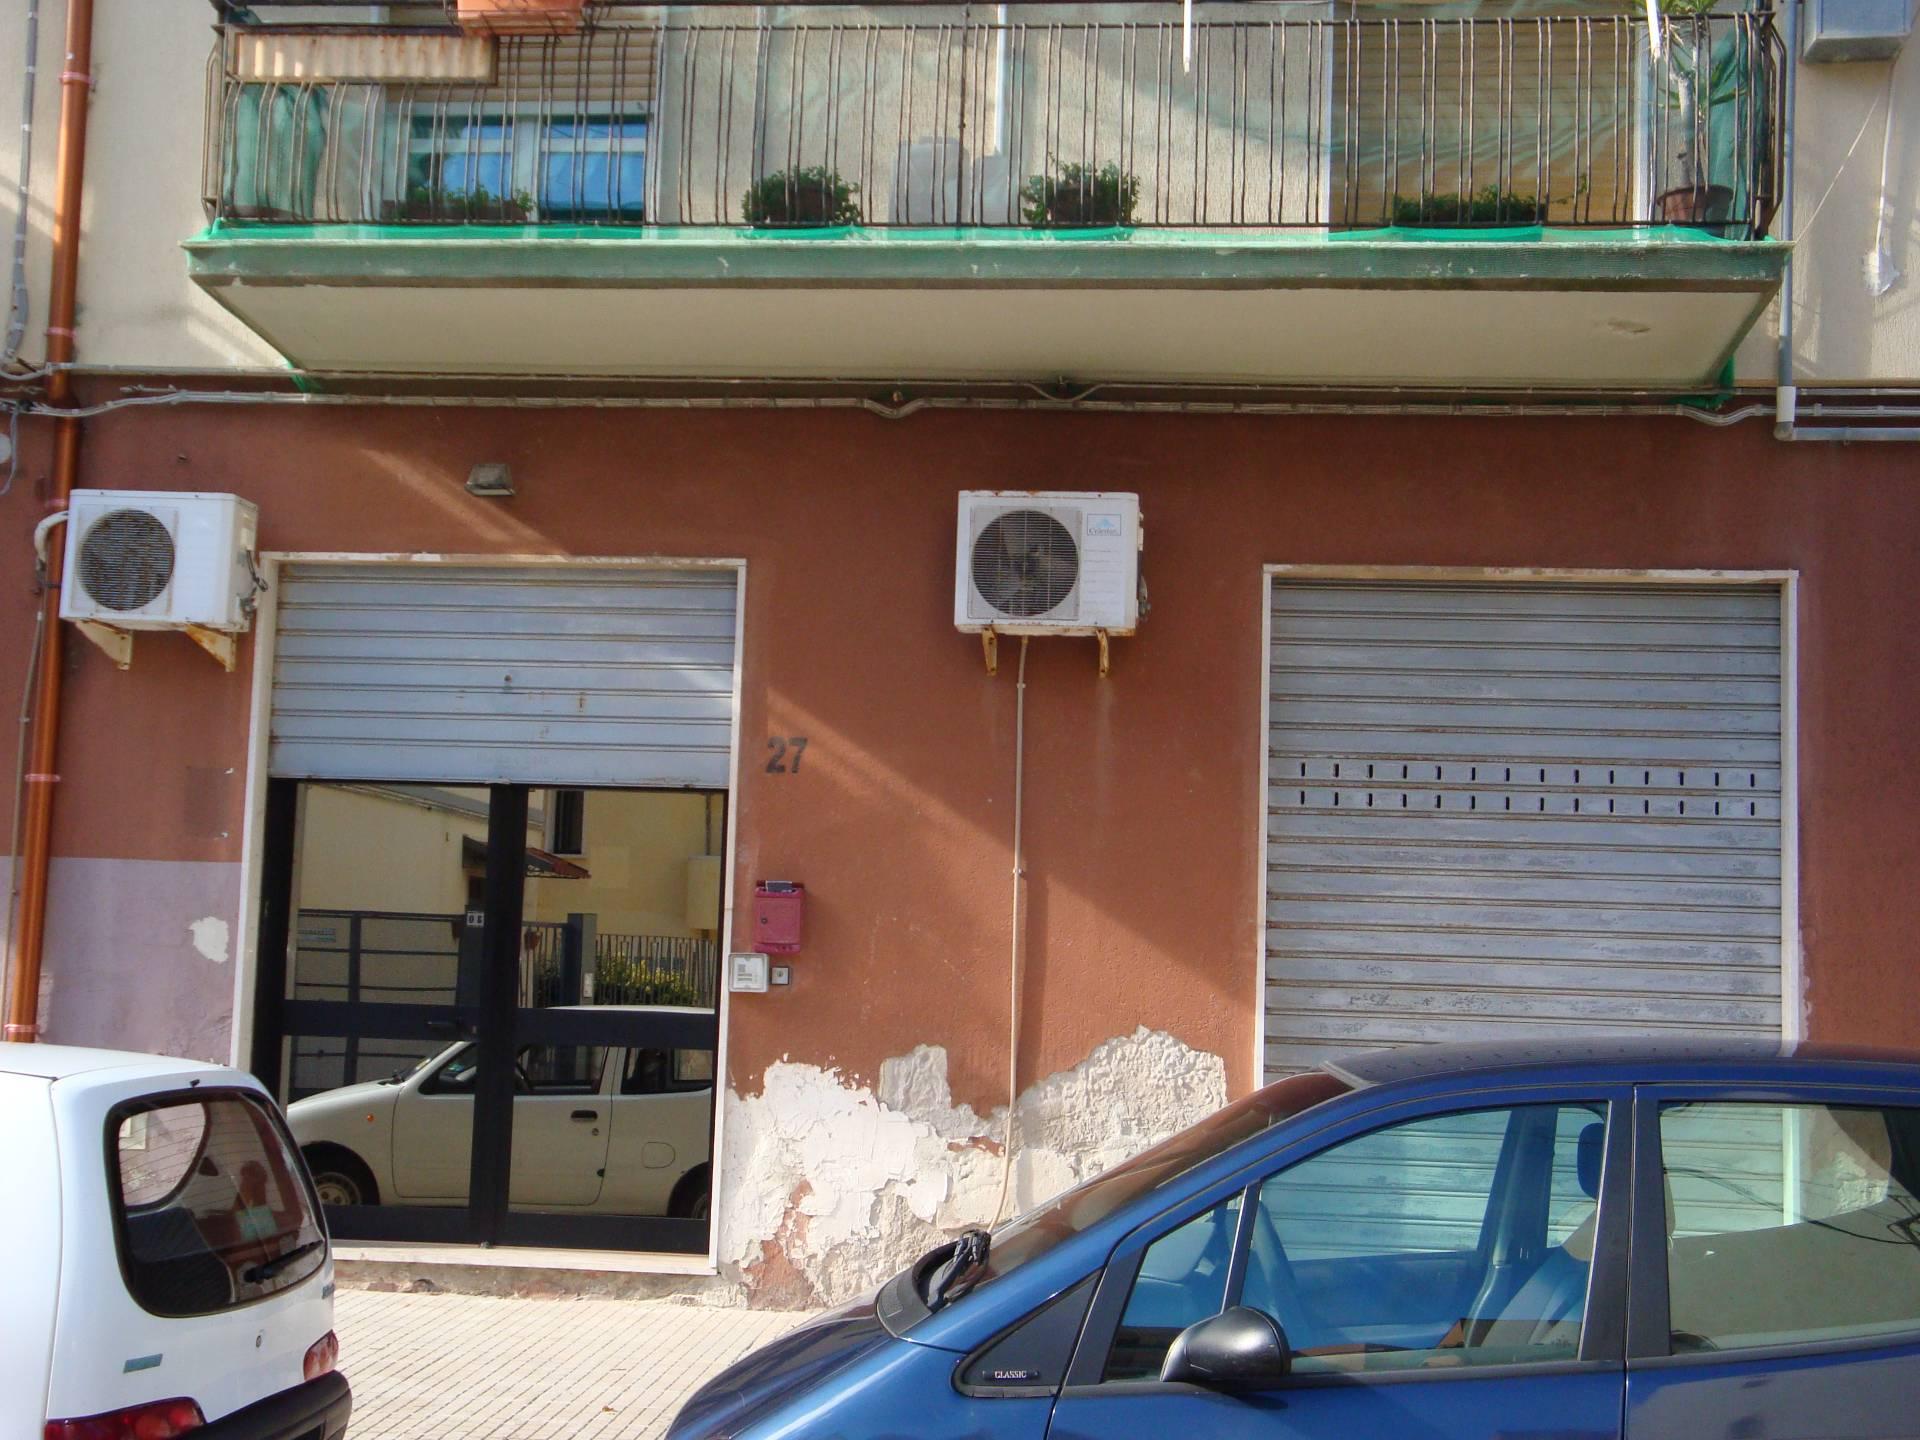 Negozio / Locale in affitto a Siracusa, 9999 locali, zona Zona: Grottasanta, prezzo € 650 | CambioCasa.it